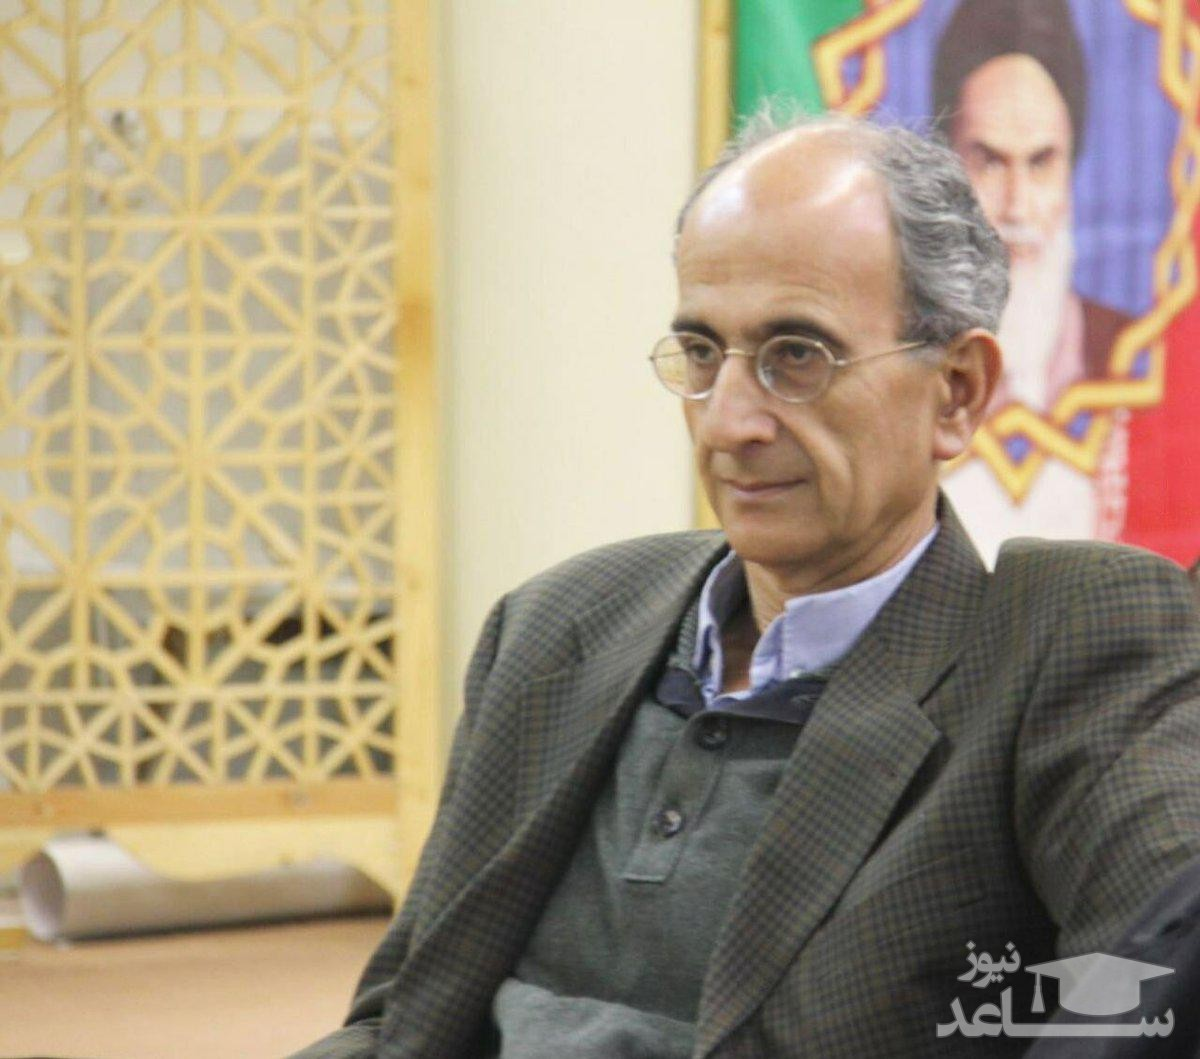 واکنش عباس عبدی به خودکشی سیدامامی در زندان